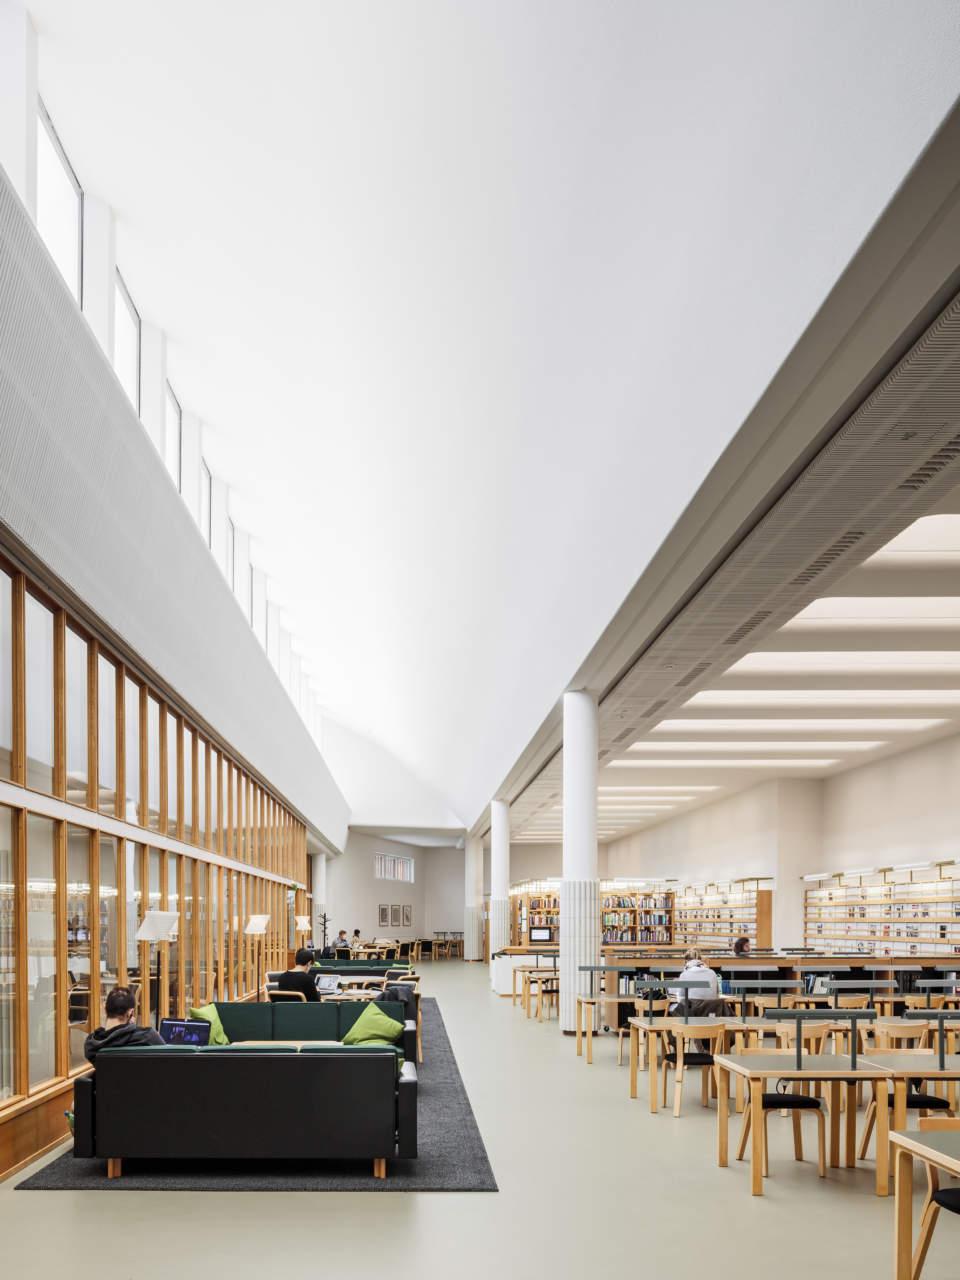 Finlandia prize for architecture 2017 area for Architecture 2017